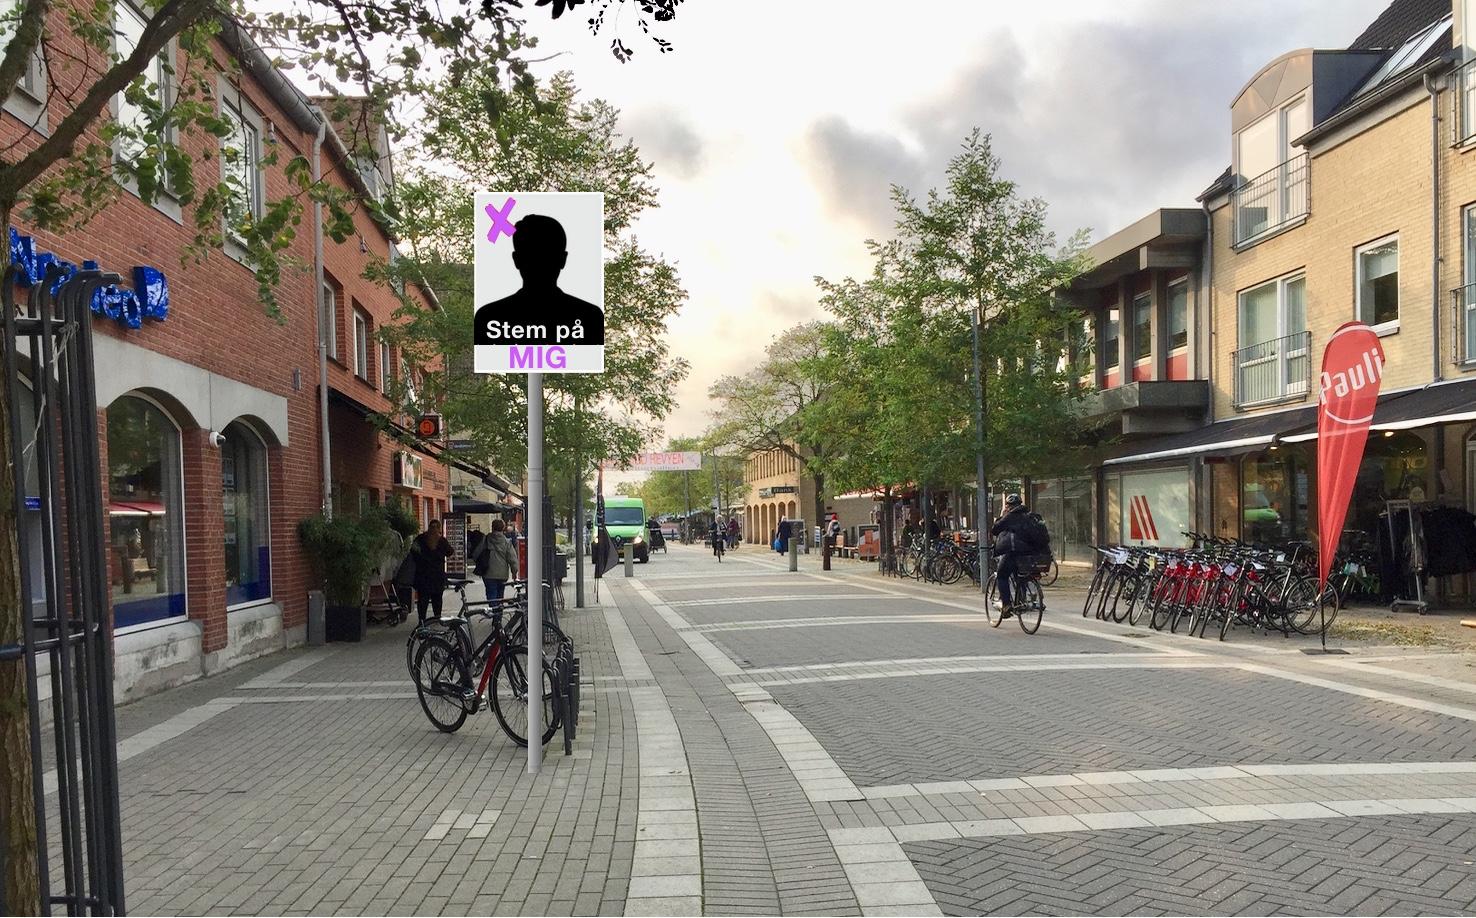 Det varer ikke ret længe før valgplakaterne kommer op på M.D. Madsensvej, men denne gang får hvert parti kun lov til at ophænge én plakat. Placeringen af de enkelte plakater sker ved lodtrækning. Fotomanipulation: AOB